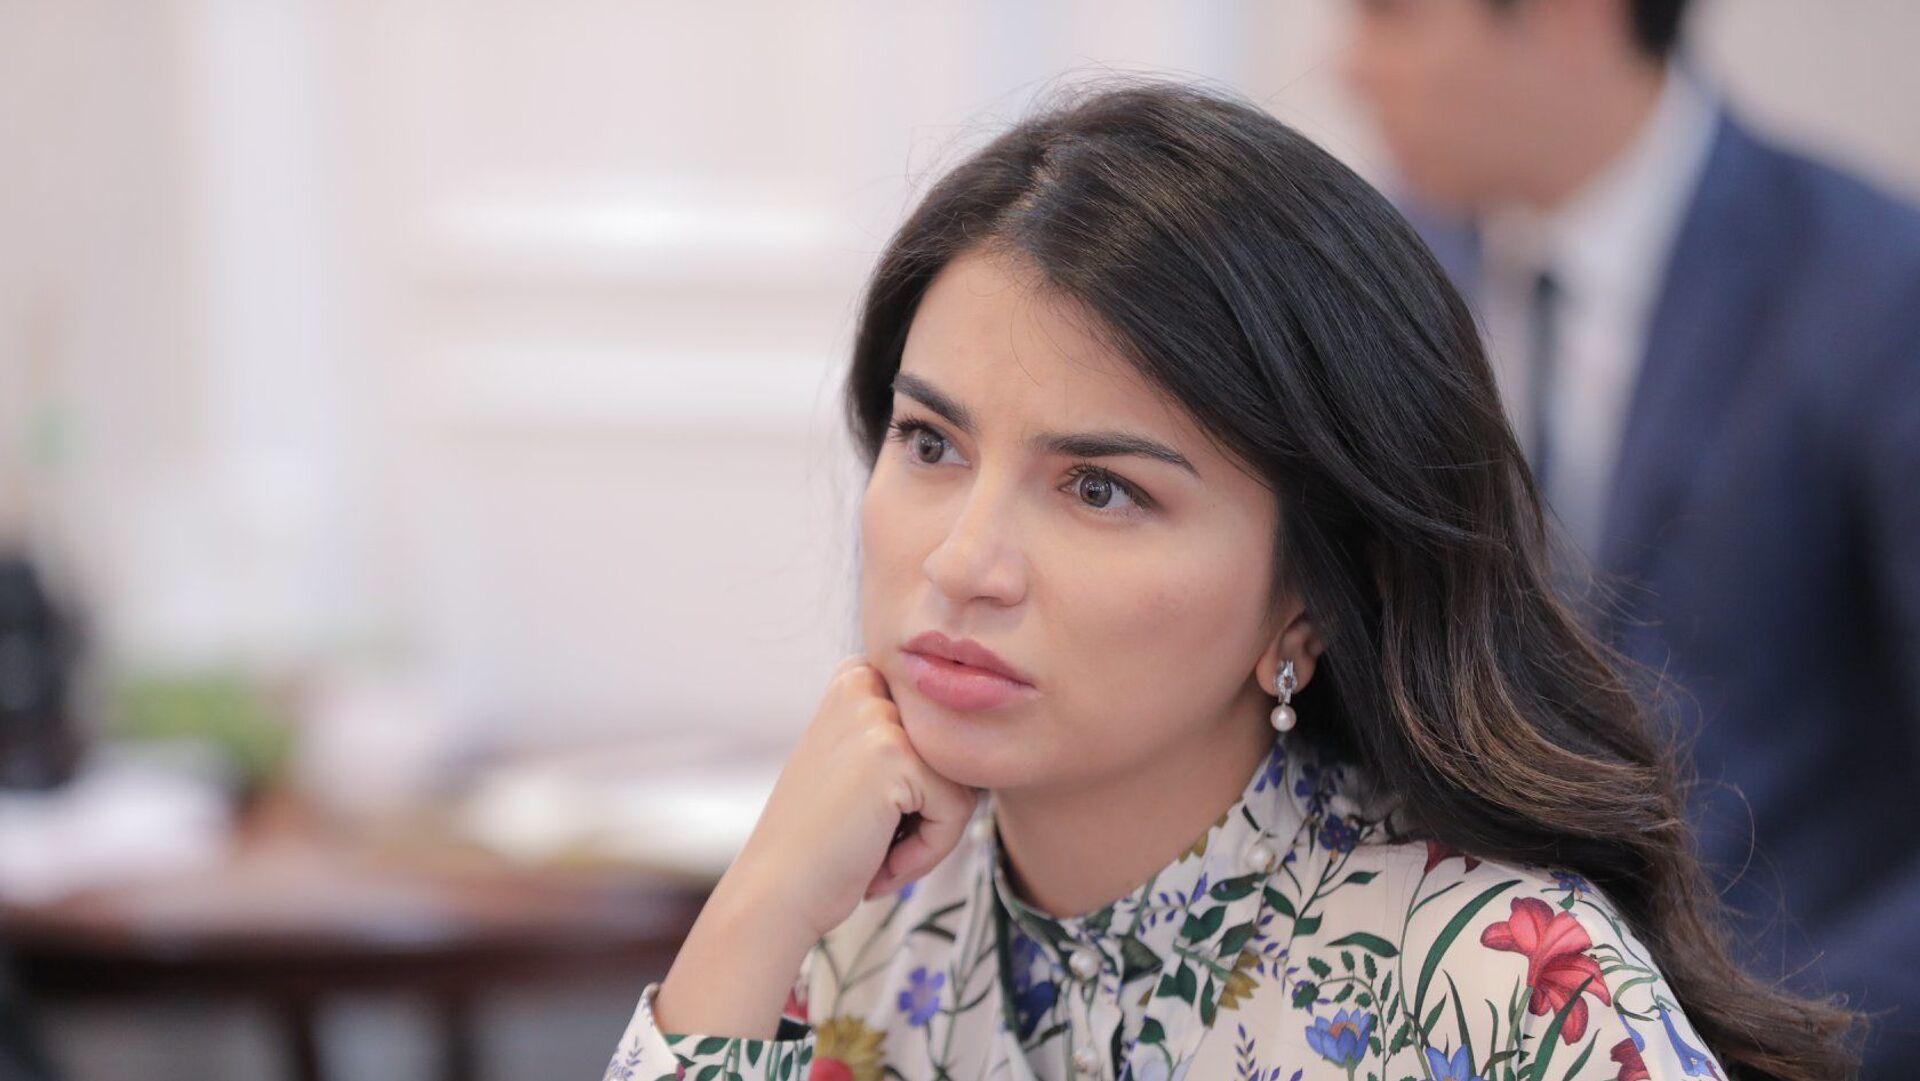 Саида Мирзиёева: наша задача - сохранить архитектурное наследие страны - Sputnik Узбекистан, 1920, 25.06.2021